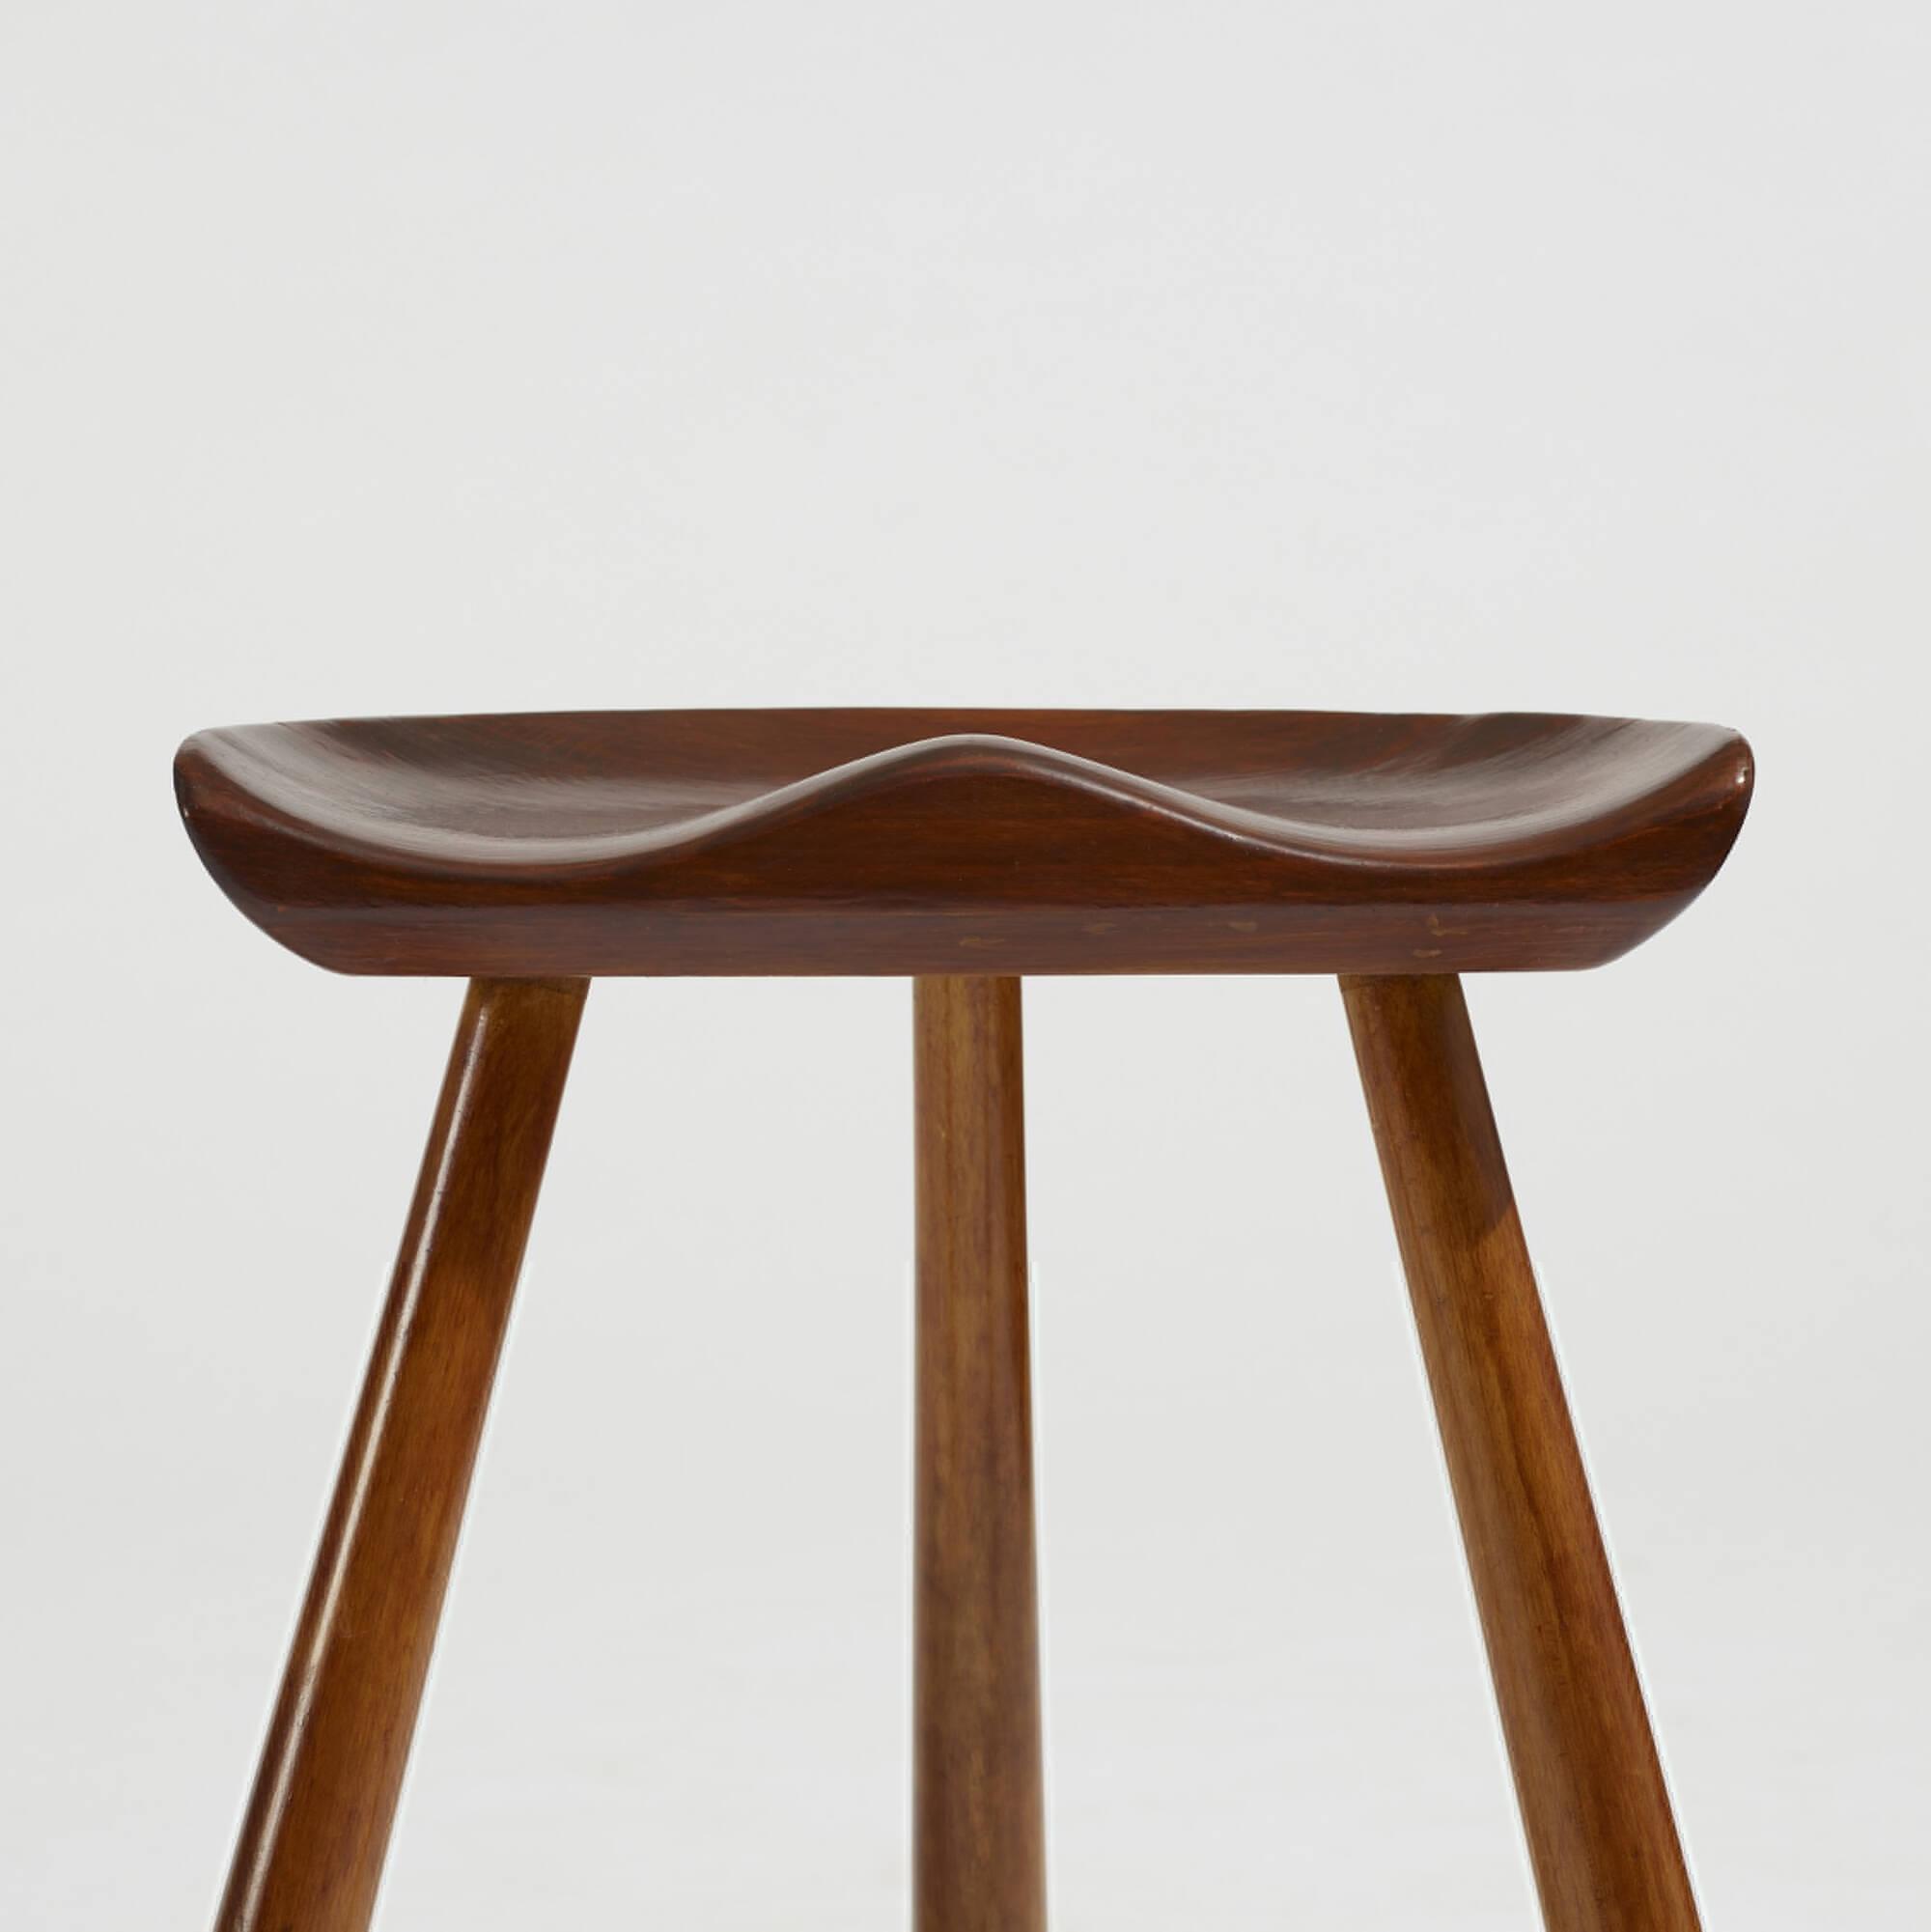 299: Arne Hovmand-Olsen / stools, pair (2 of 3)